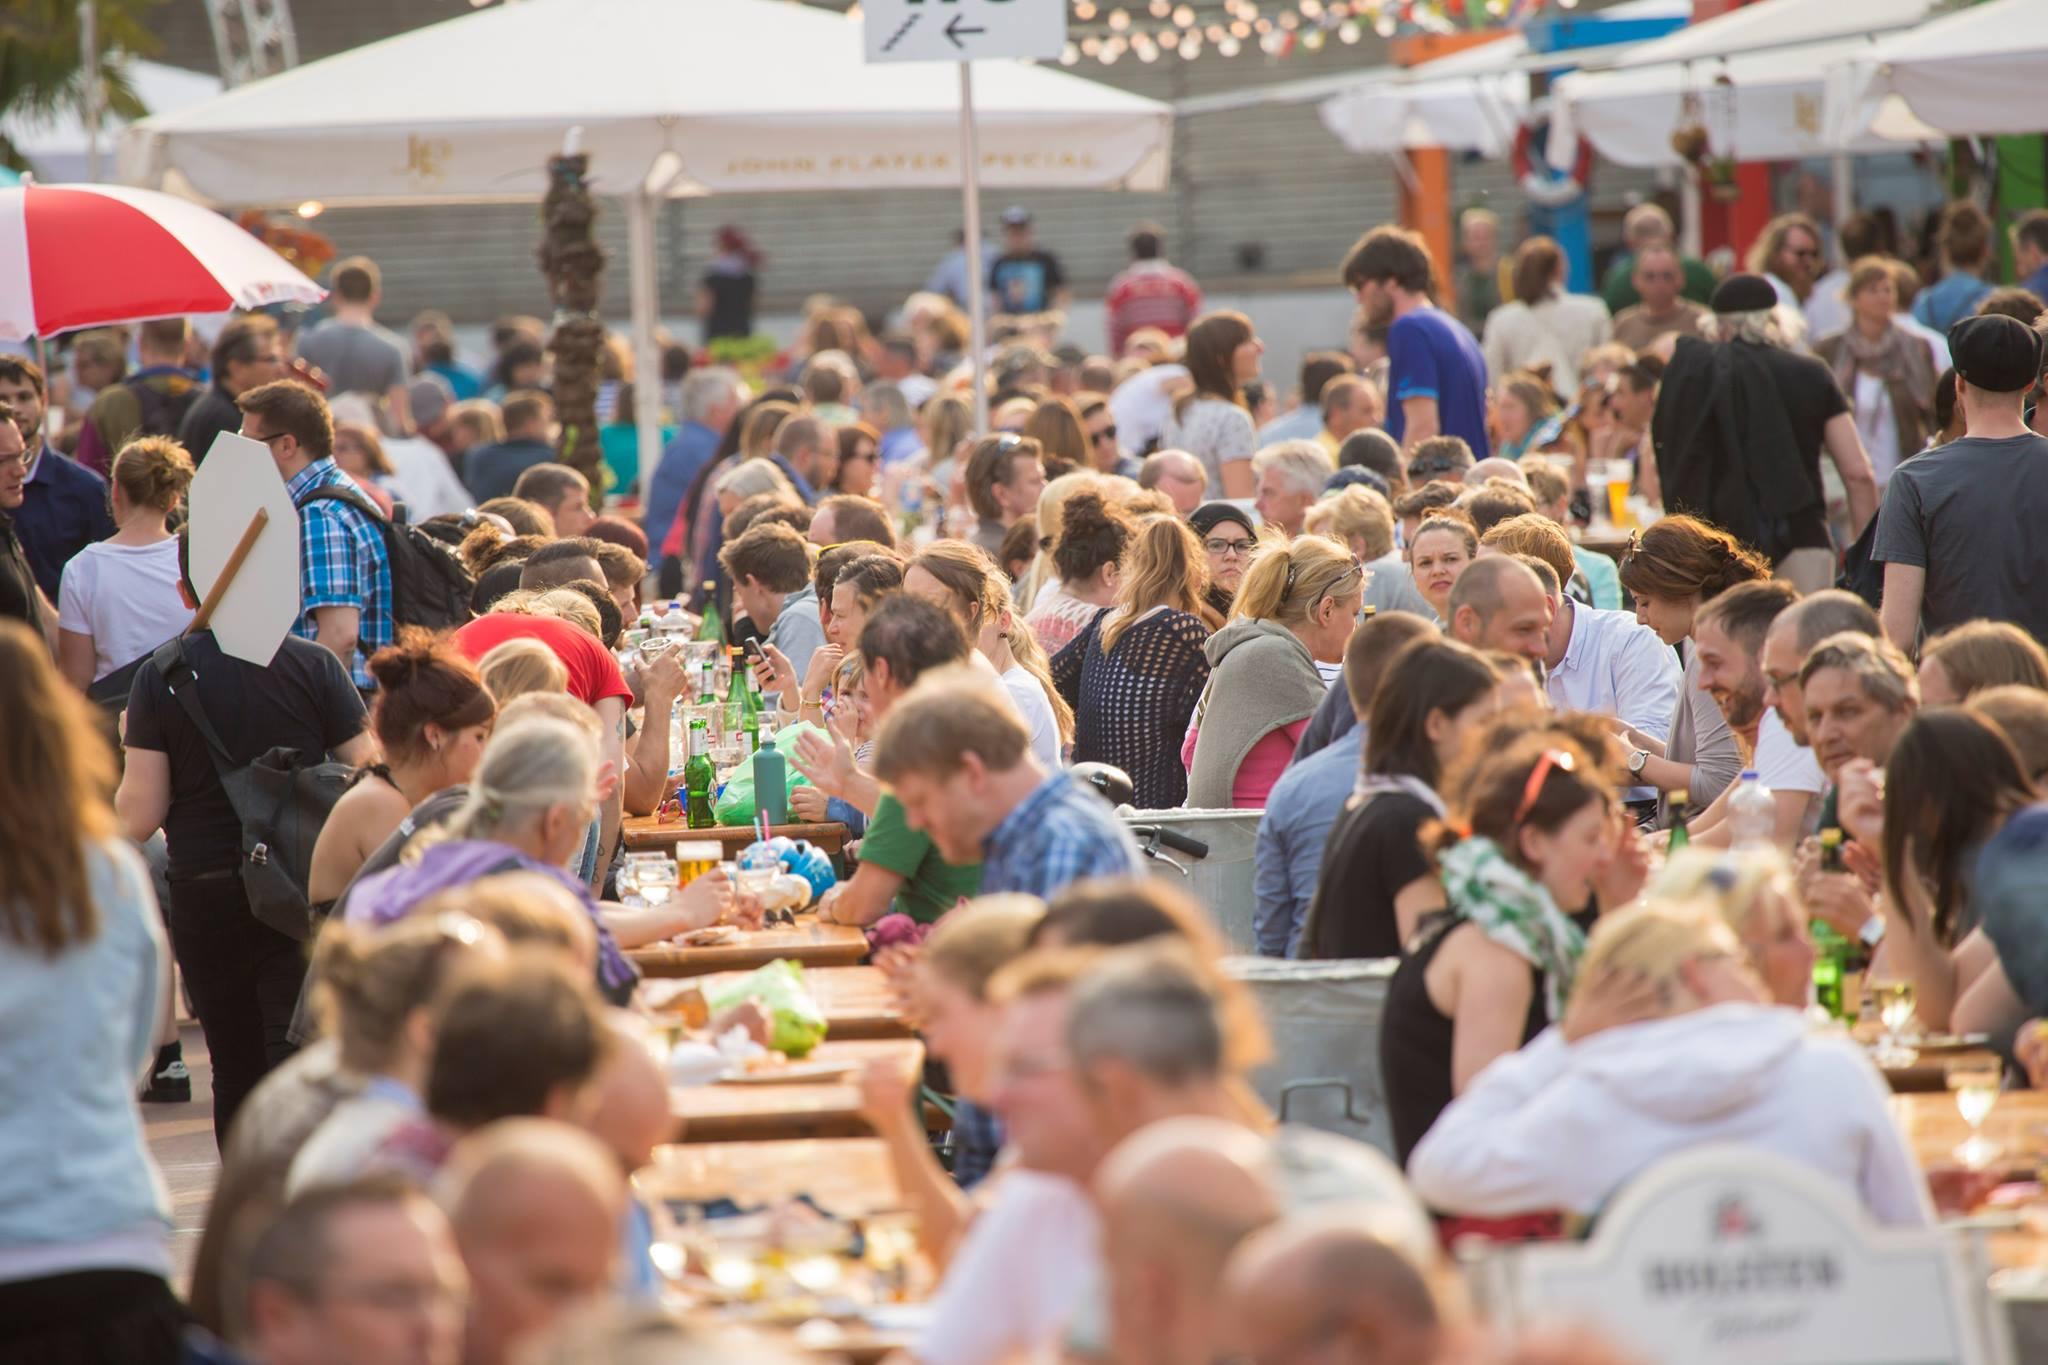 Der St. Pauli Nachtmarkt ruft alle Genießer an die lange Tafel!